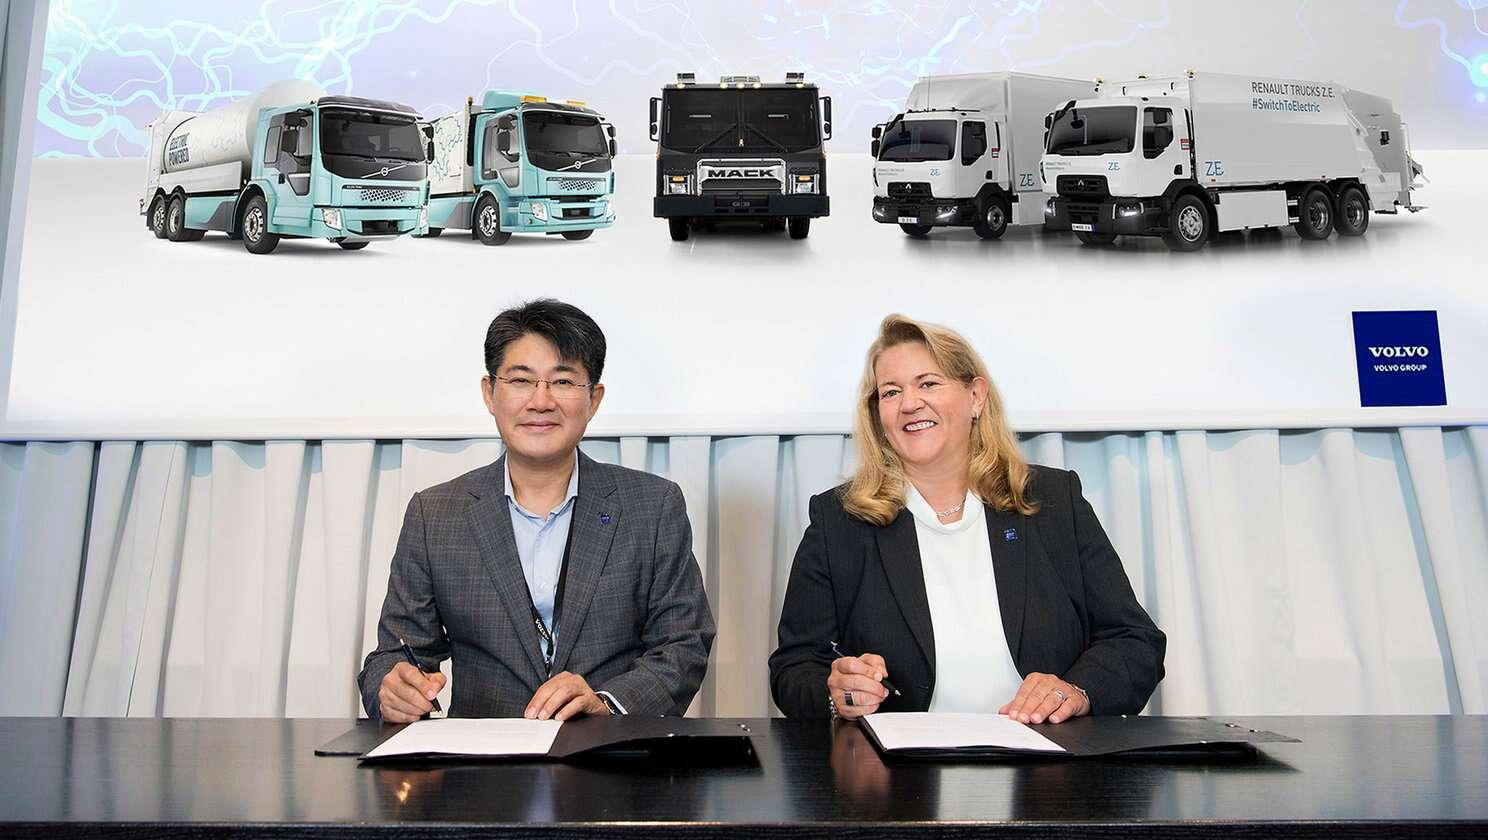 Volvo Group і Samsung спільно працюють над розробкою акумуляторних батарей для електровантажівок